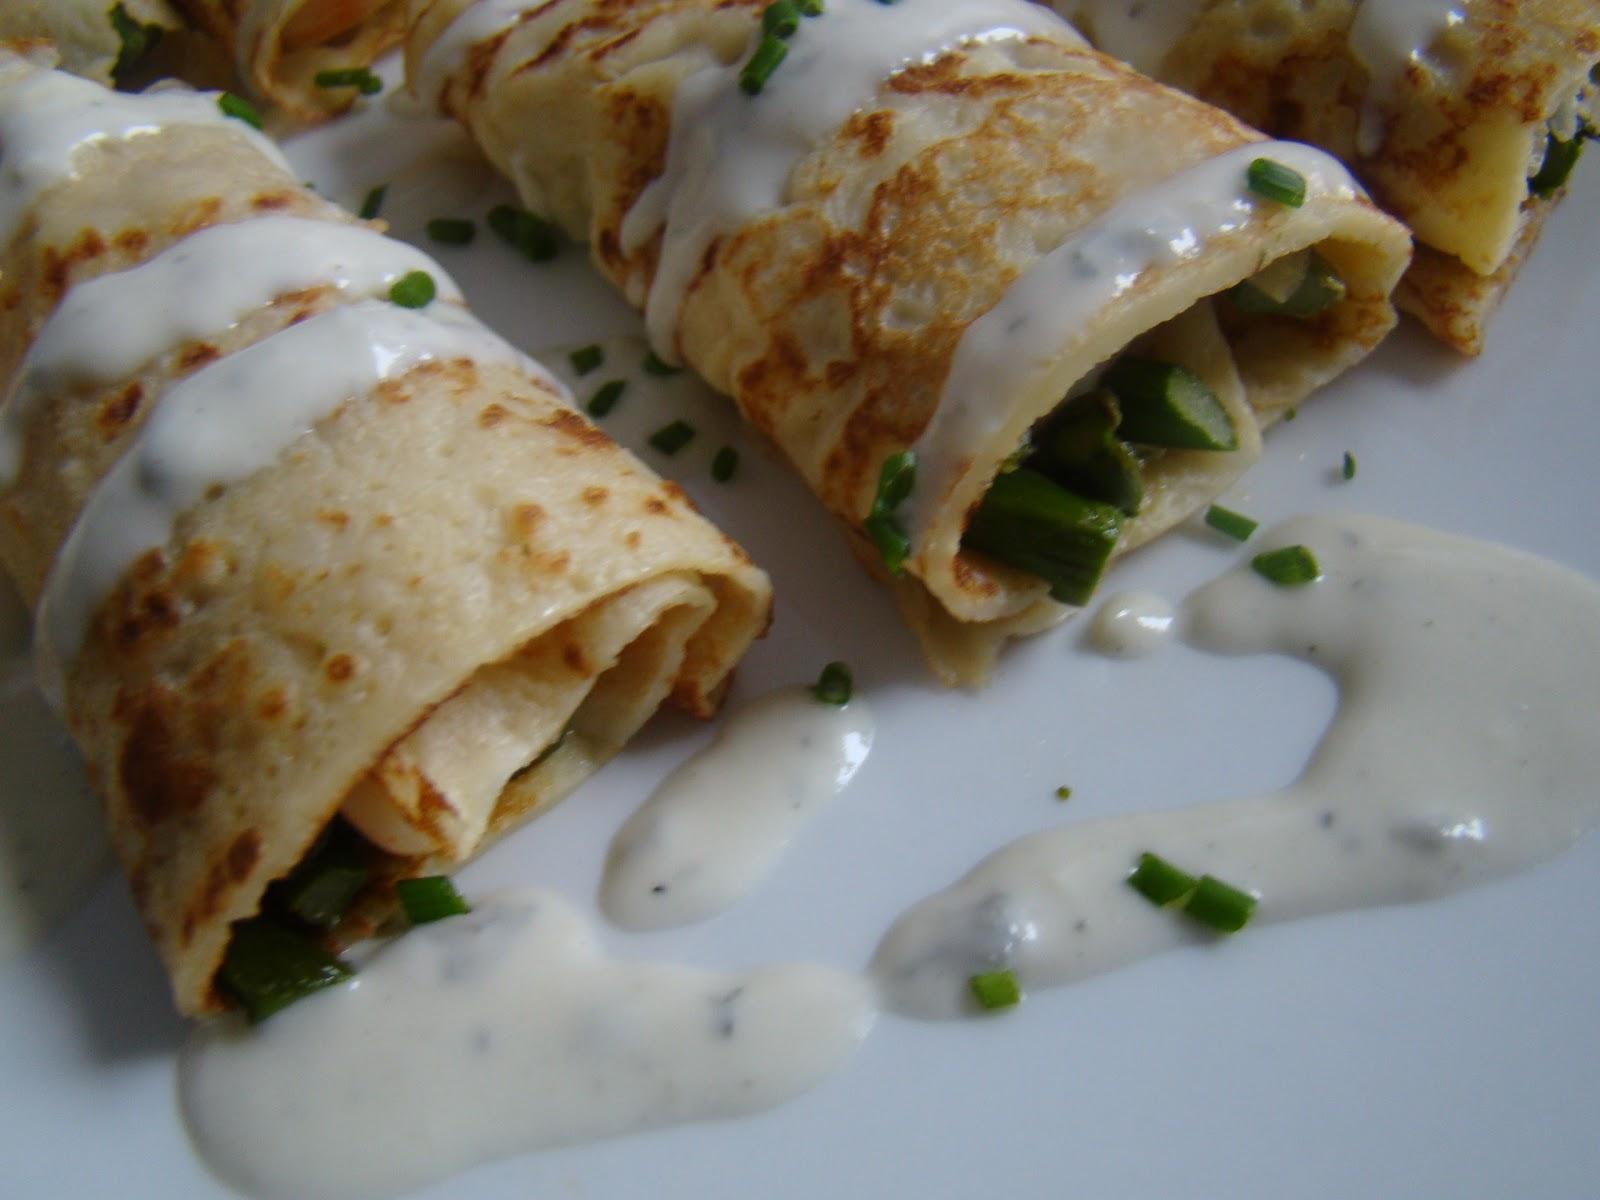 Crepes de ajetes trigueros y langostinos con salsa for Salsa para crepes